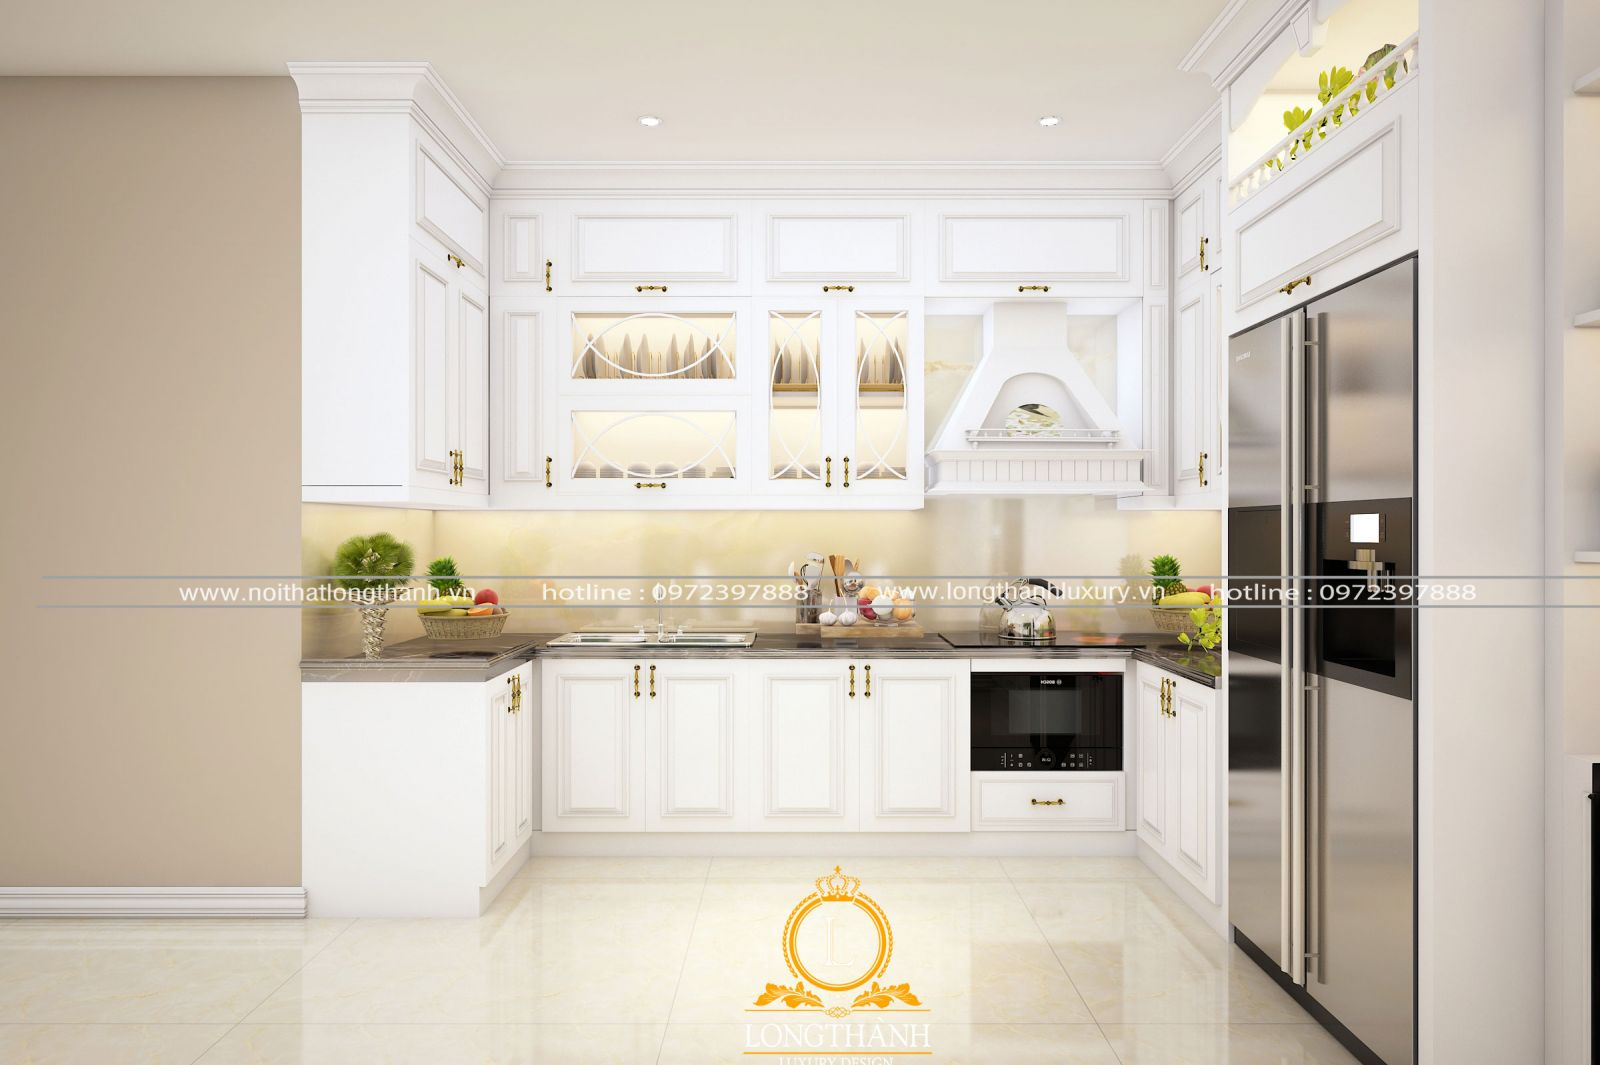 Mẫu tủ bếp với gam màu trắng đặc trưng ấn tượng nổi bật  của phong cách Bắc Âu